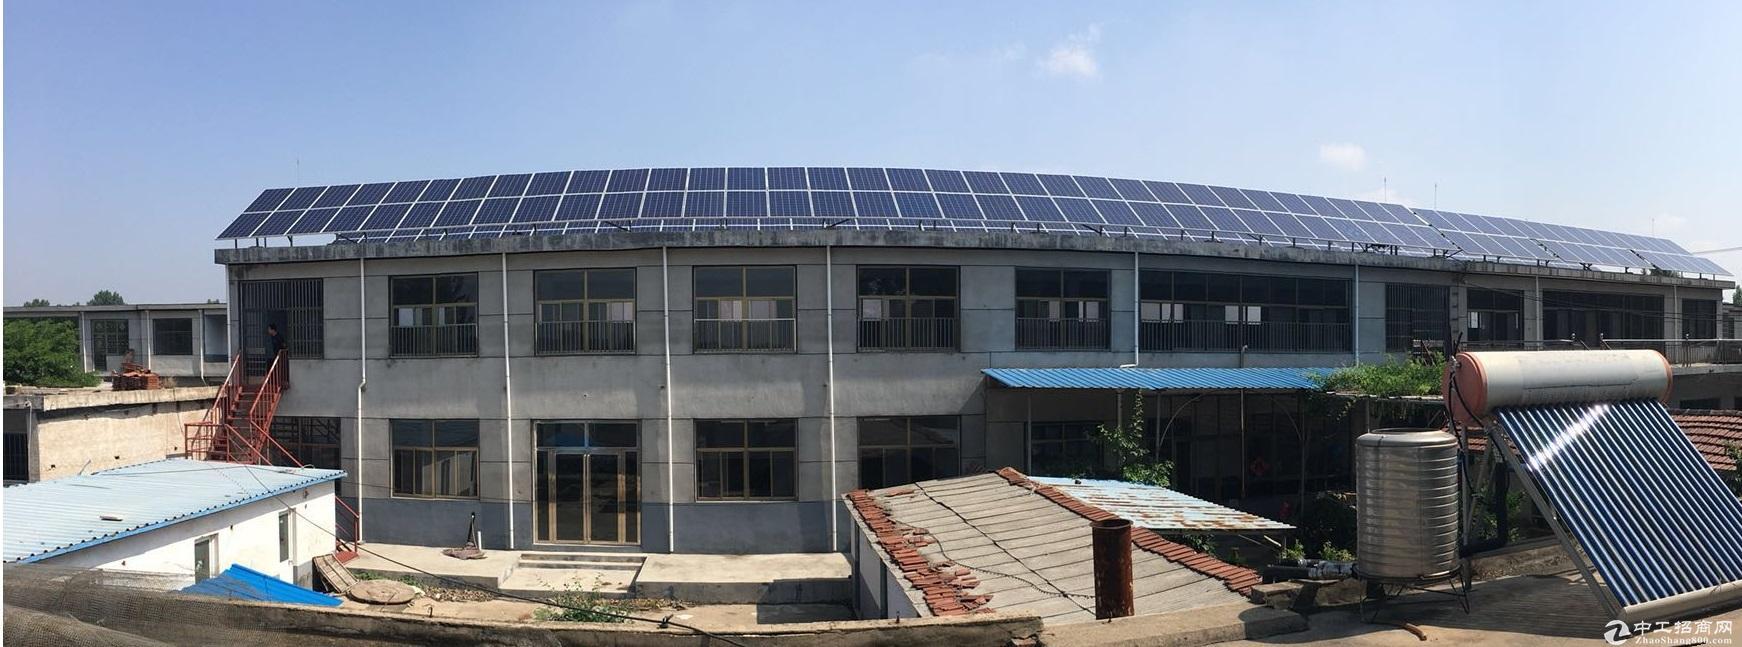 临沂高铁站正北2公里,仓库、厂房、办公600方-图5